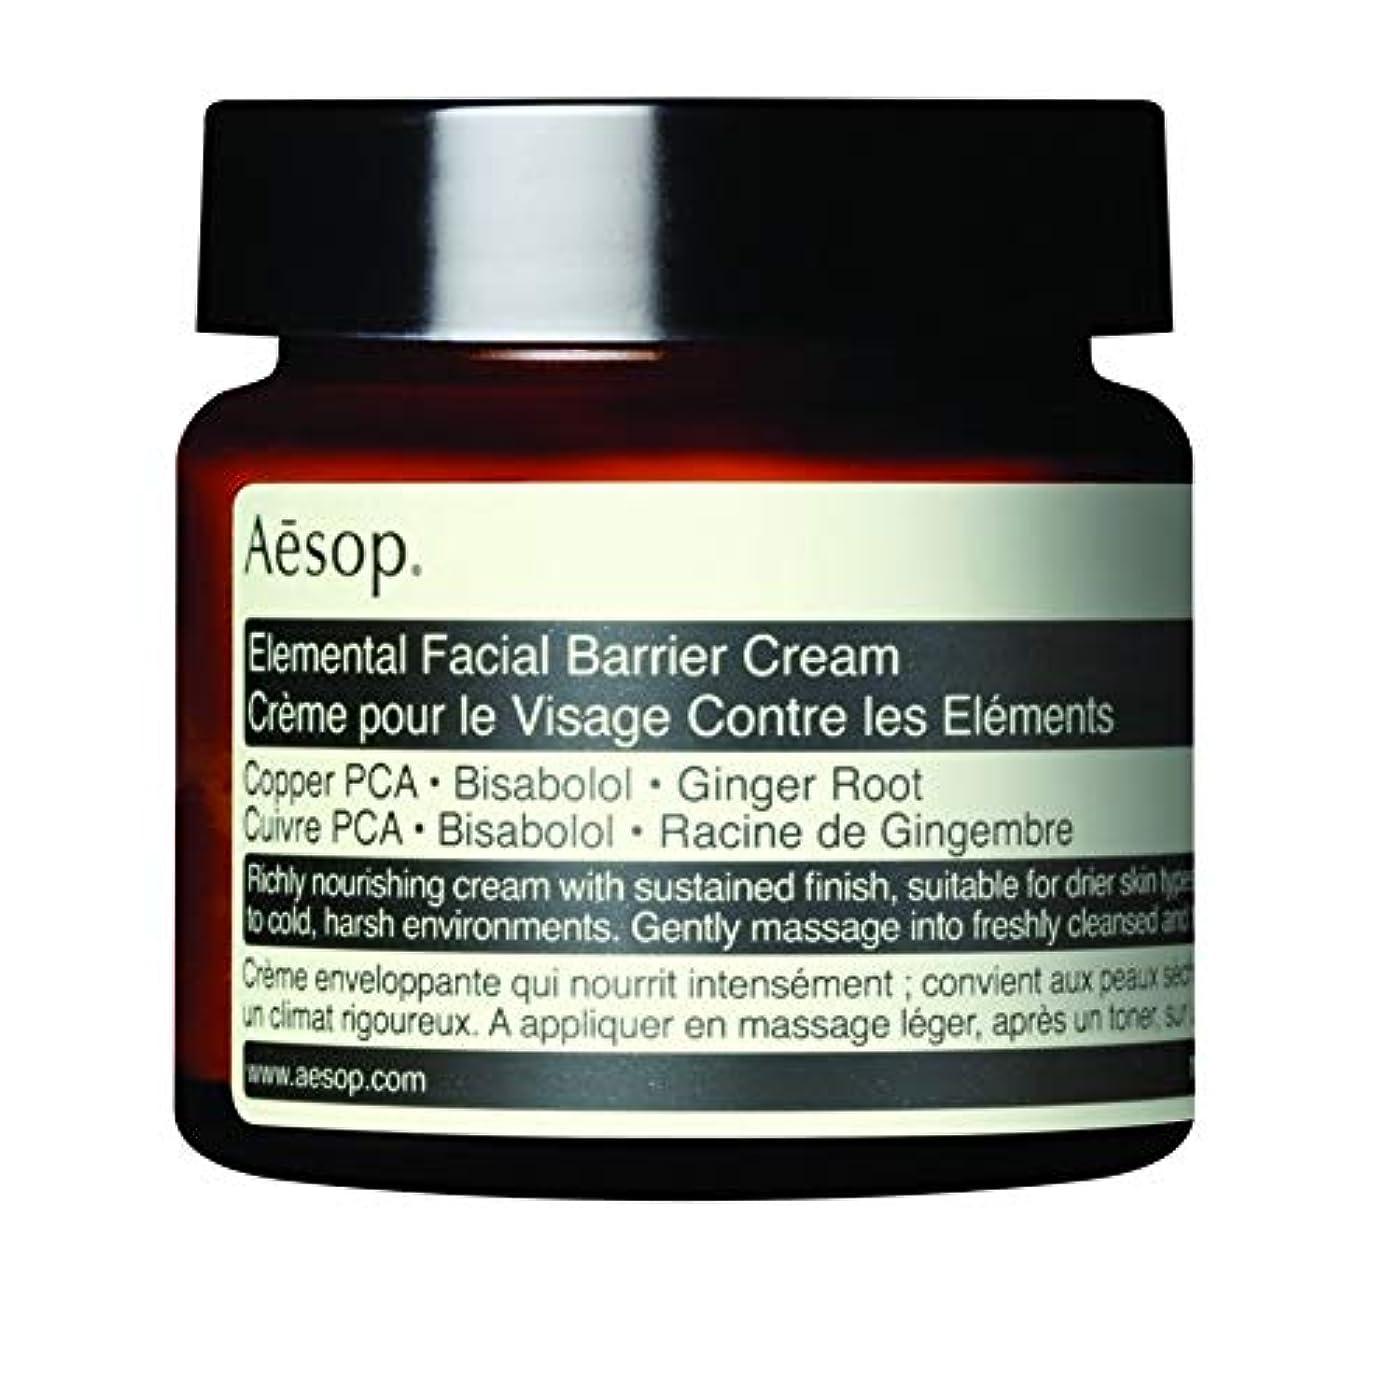 使用法エール赤面[Aesop ] イソップ元素フェイシャルバリアクリーム60ミリリットル - Aesop Elemental Facial Barrier Cream 60ml [並行輸入品]